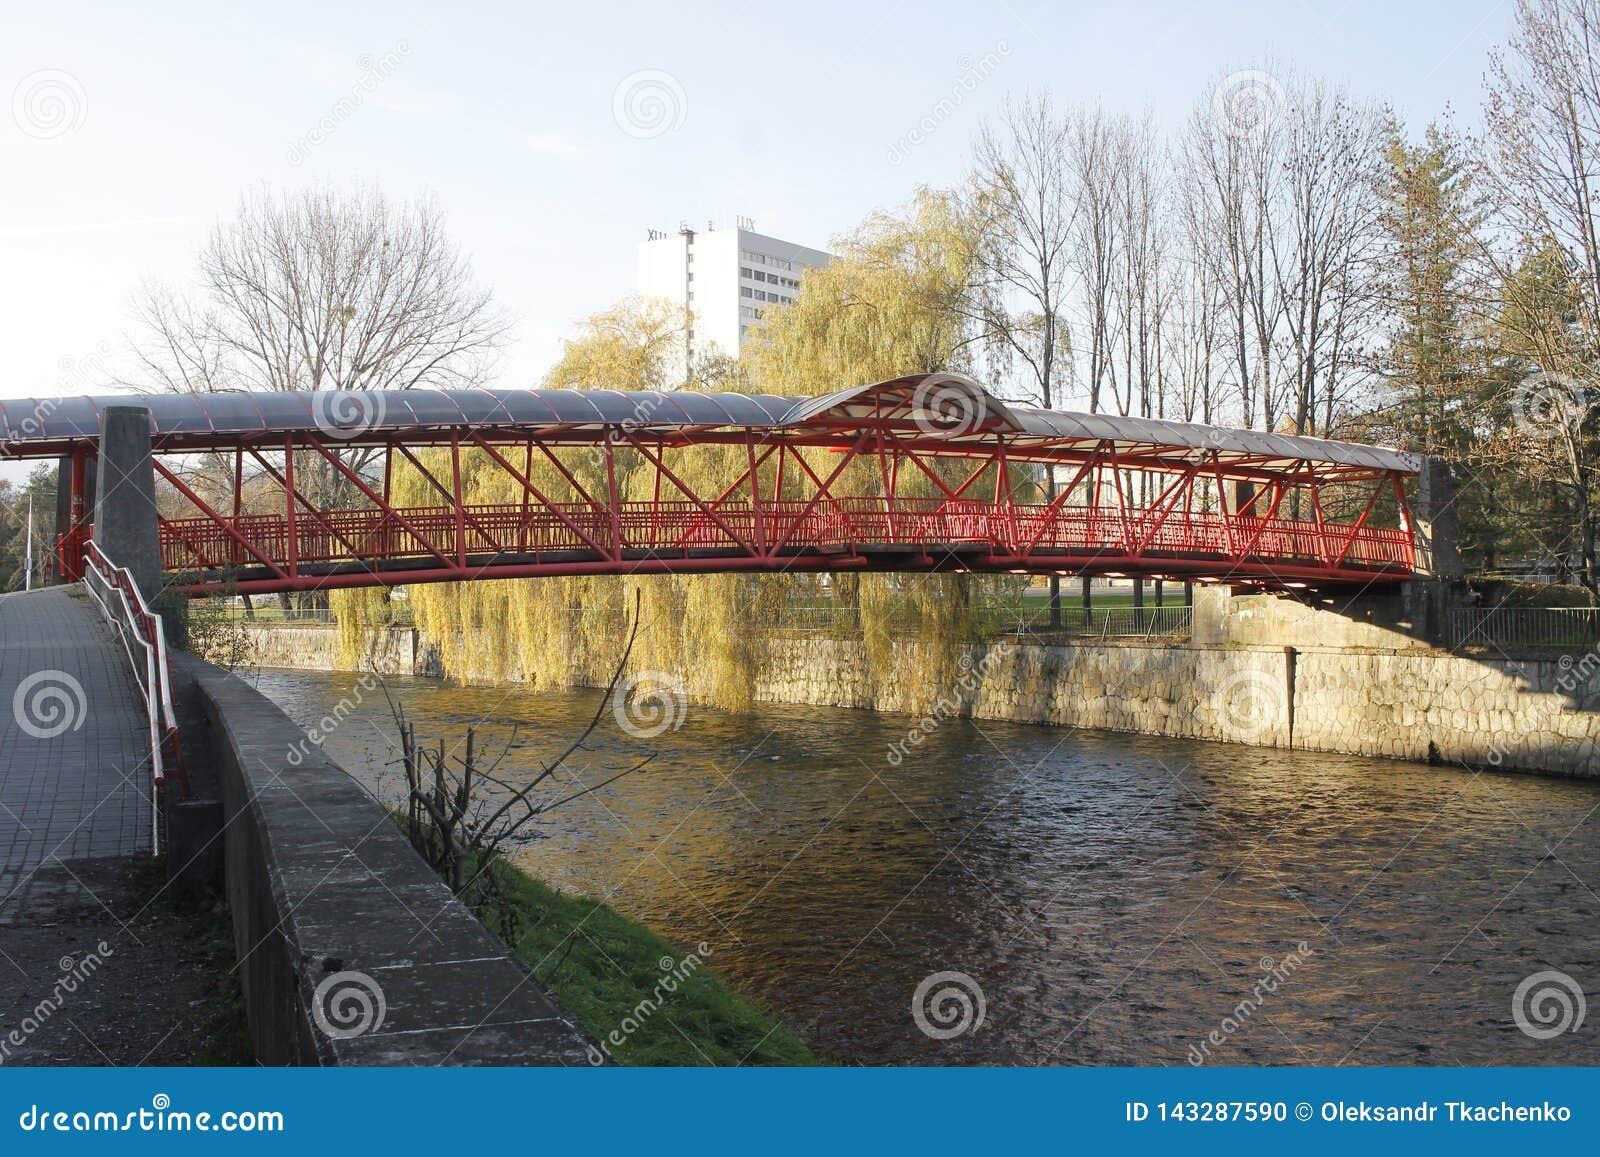 Puente a trav?s del r?o de Hron en Banska Bystrica, Eslovaquia